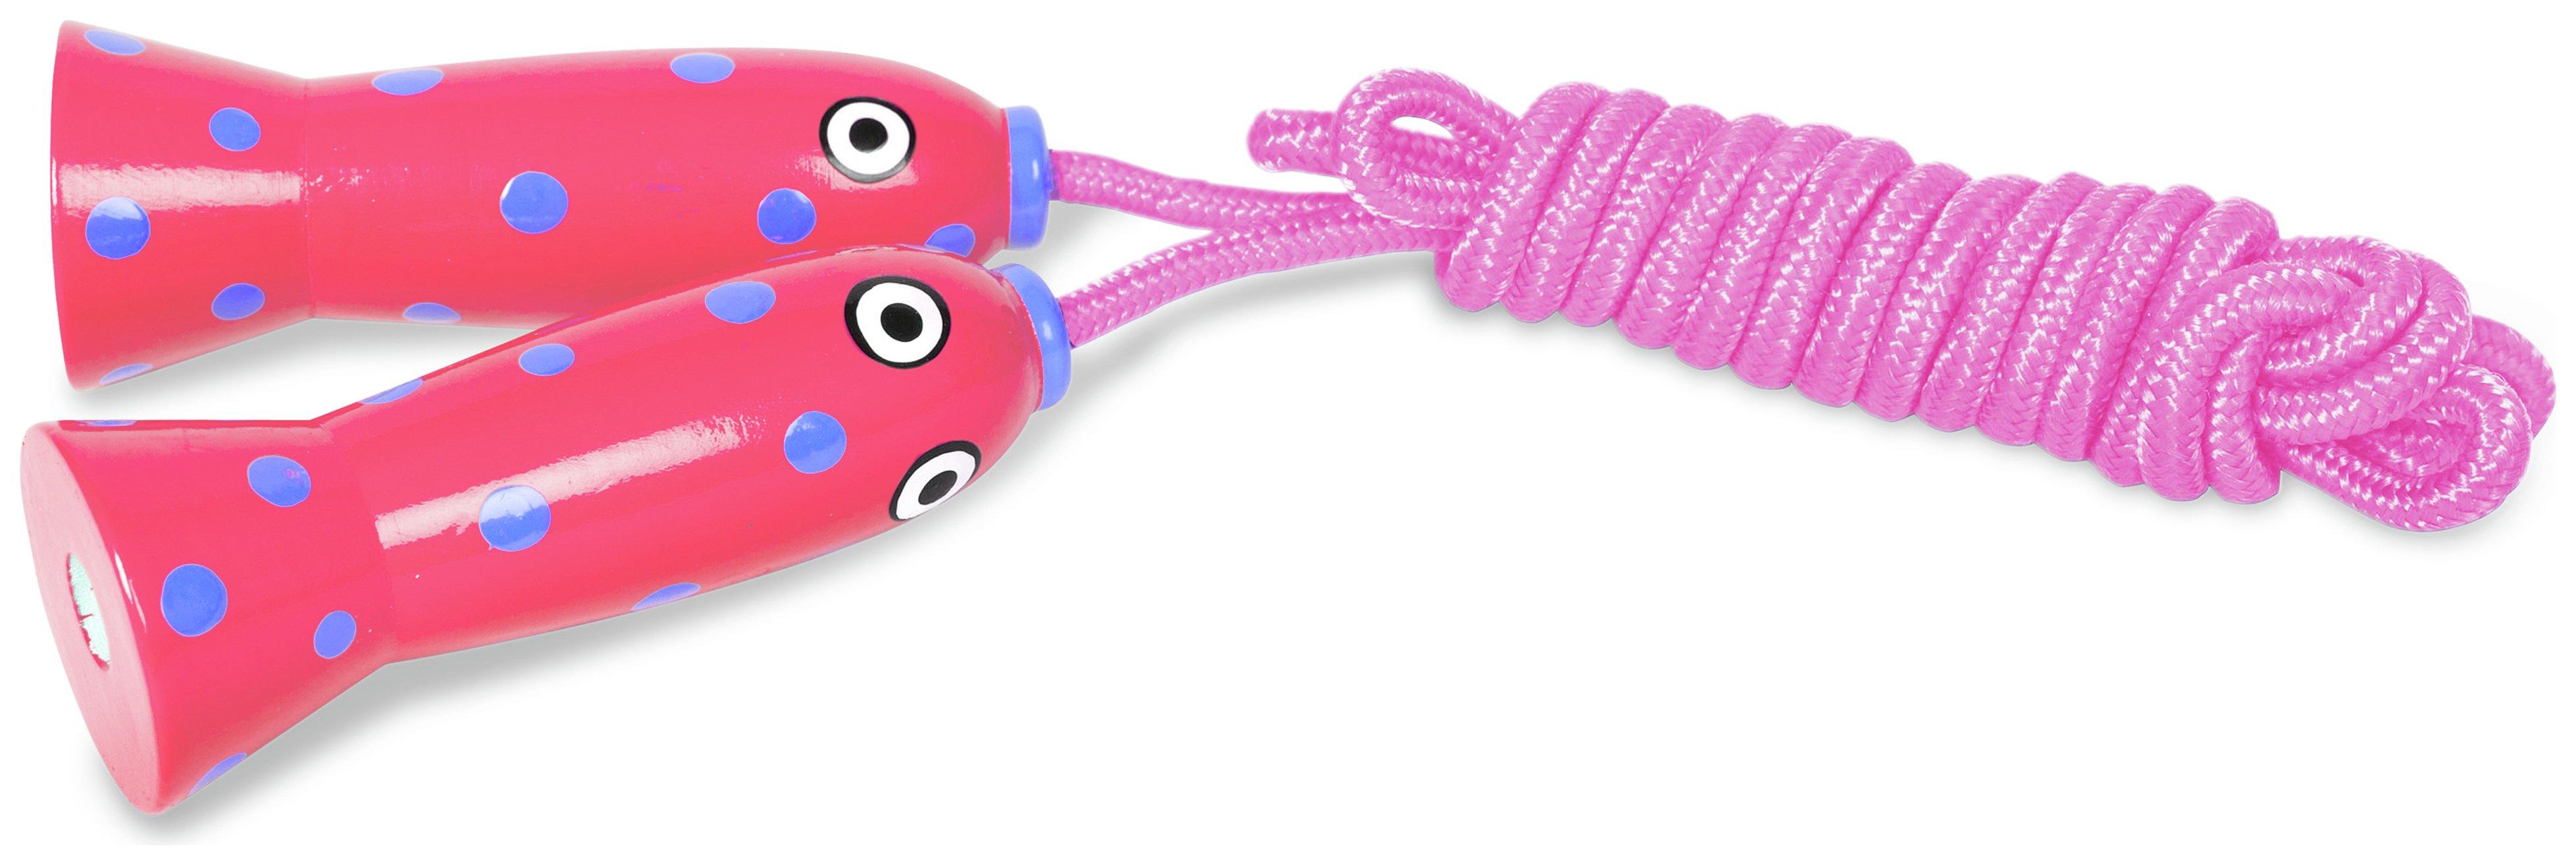 Image of BuitenSpeel Skipping Rope - Pink.